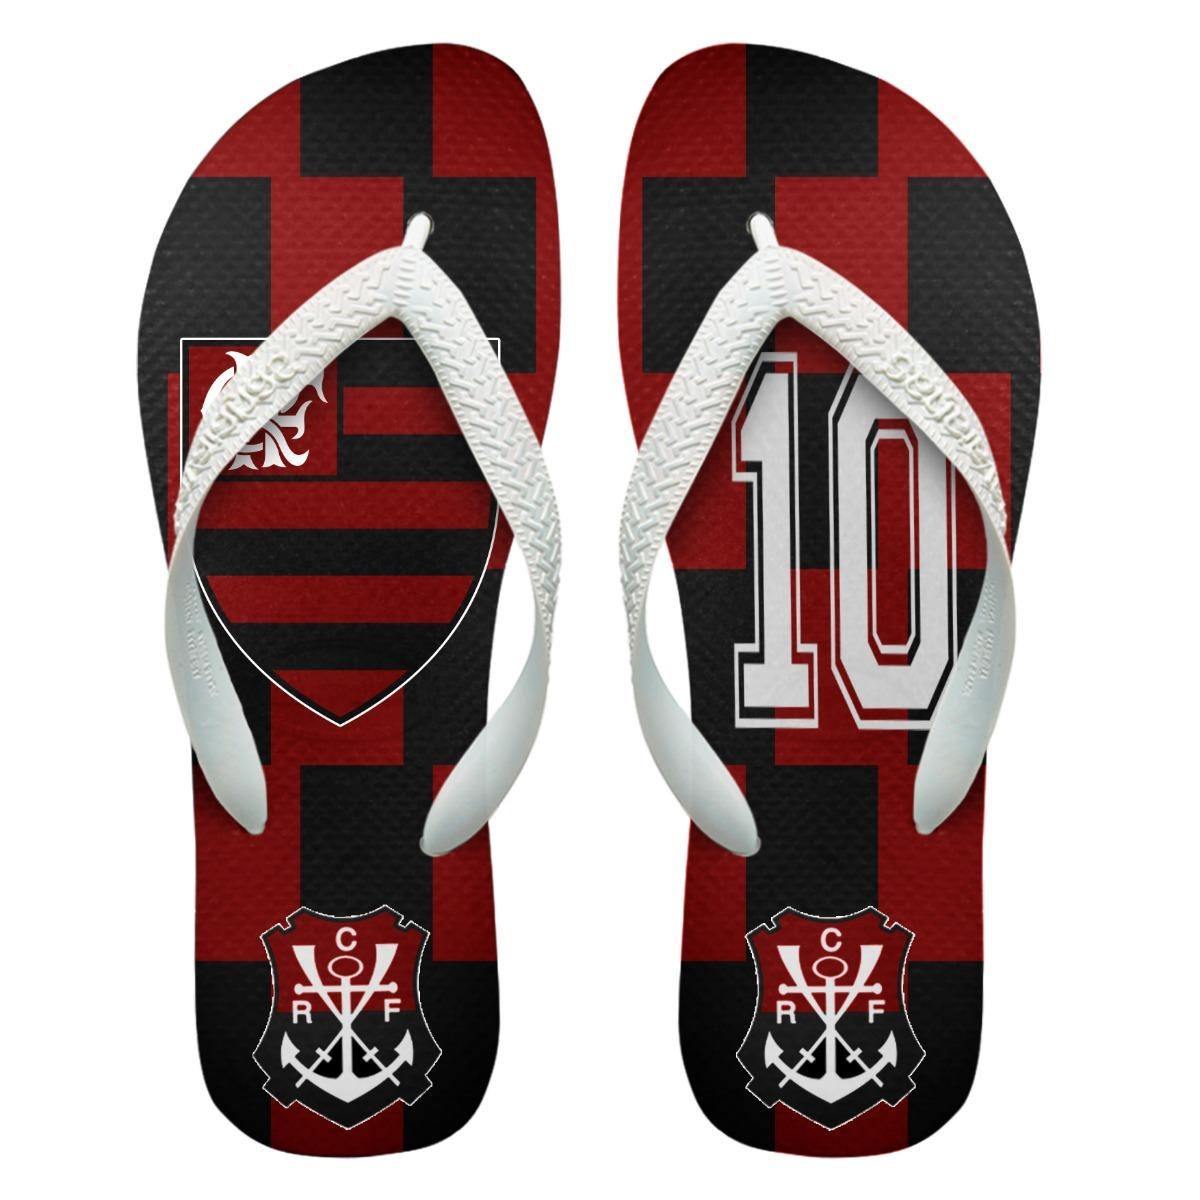 868a847d47660 Chinelos Personalizados Havaianas Flamengo  5  - R  45